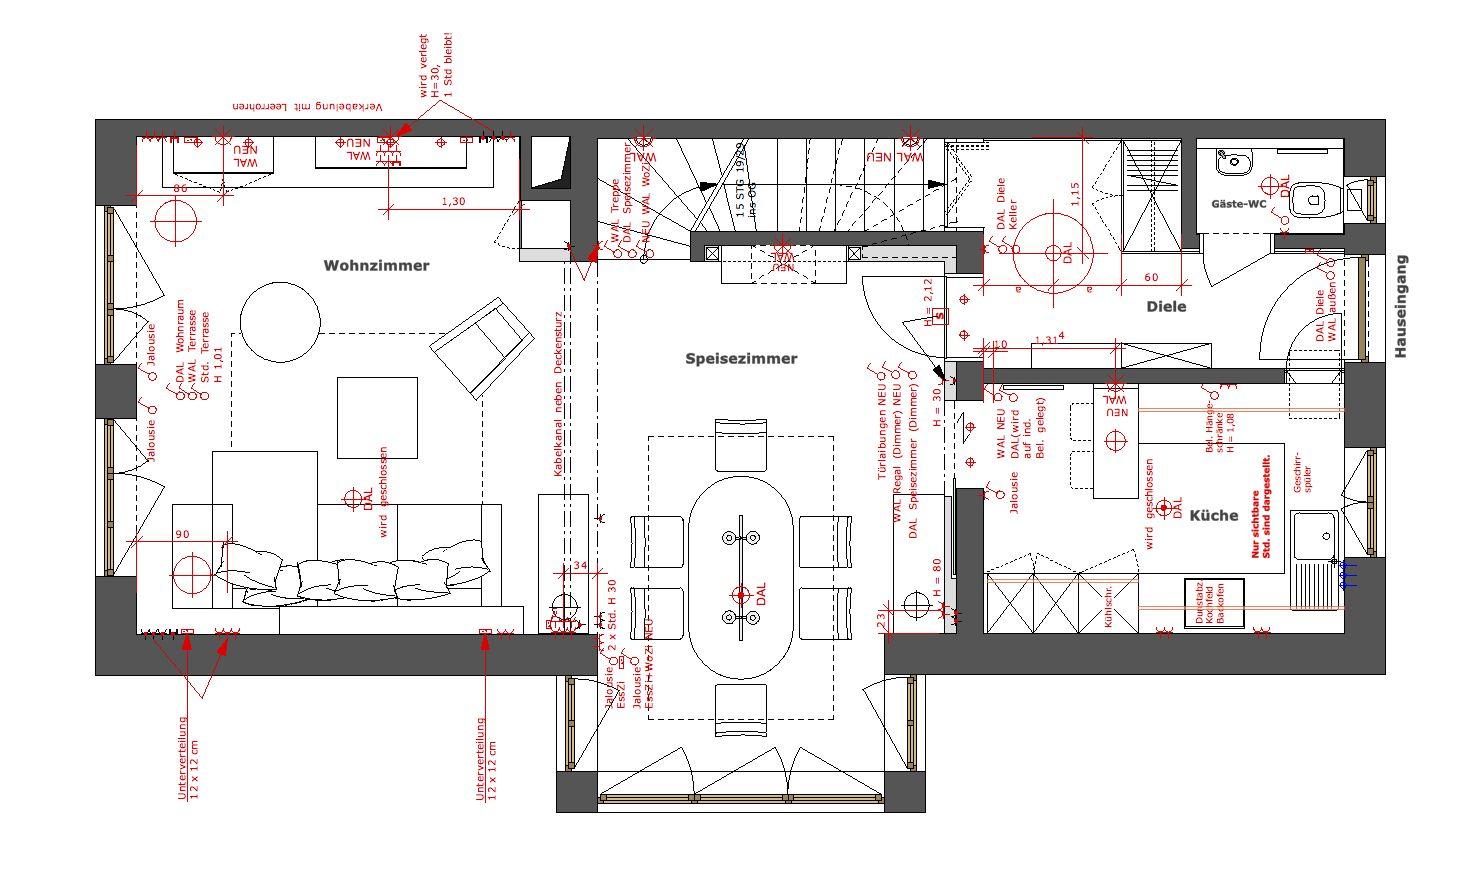 Berühmt Cat6 Schaltplan Für Häuser Bilder - Schaltplan Serie Circuit ...